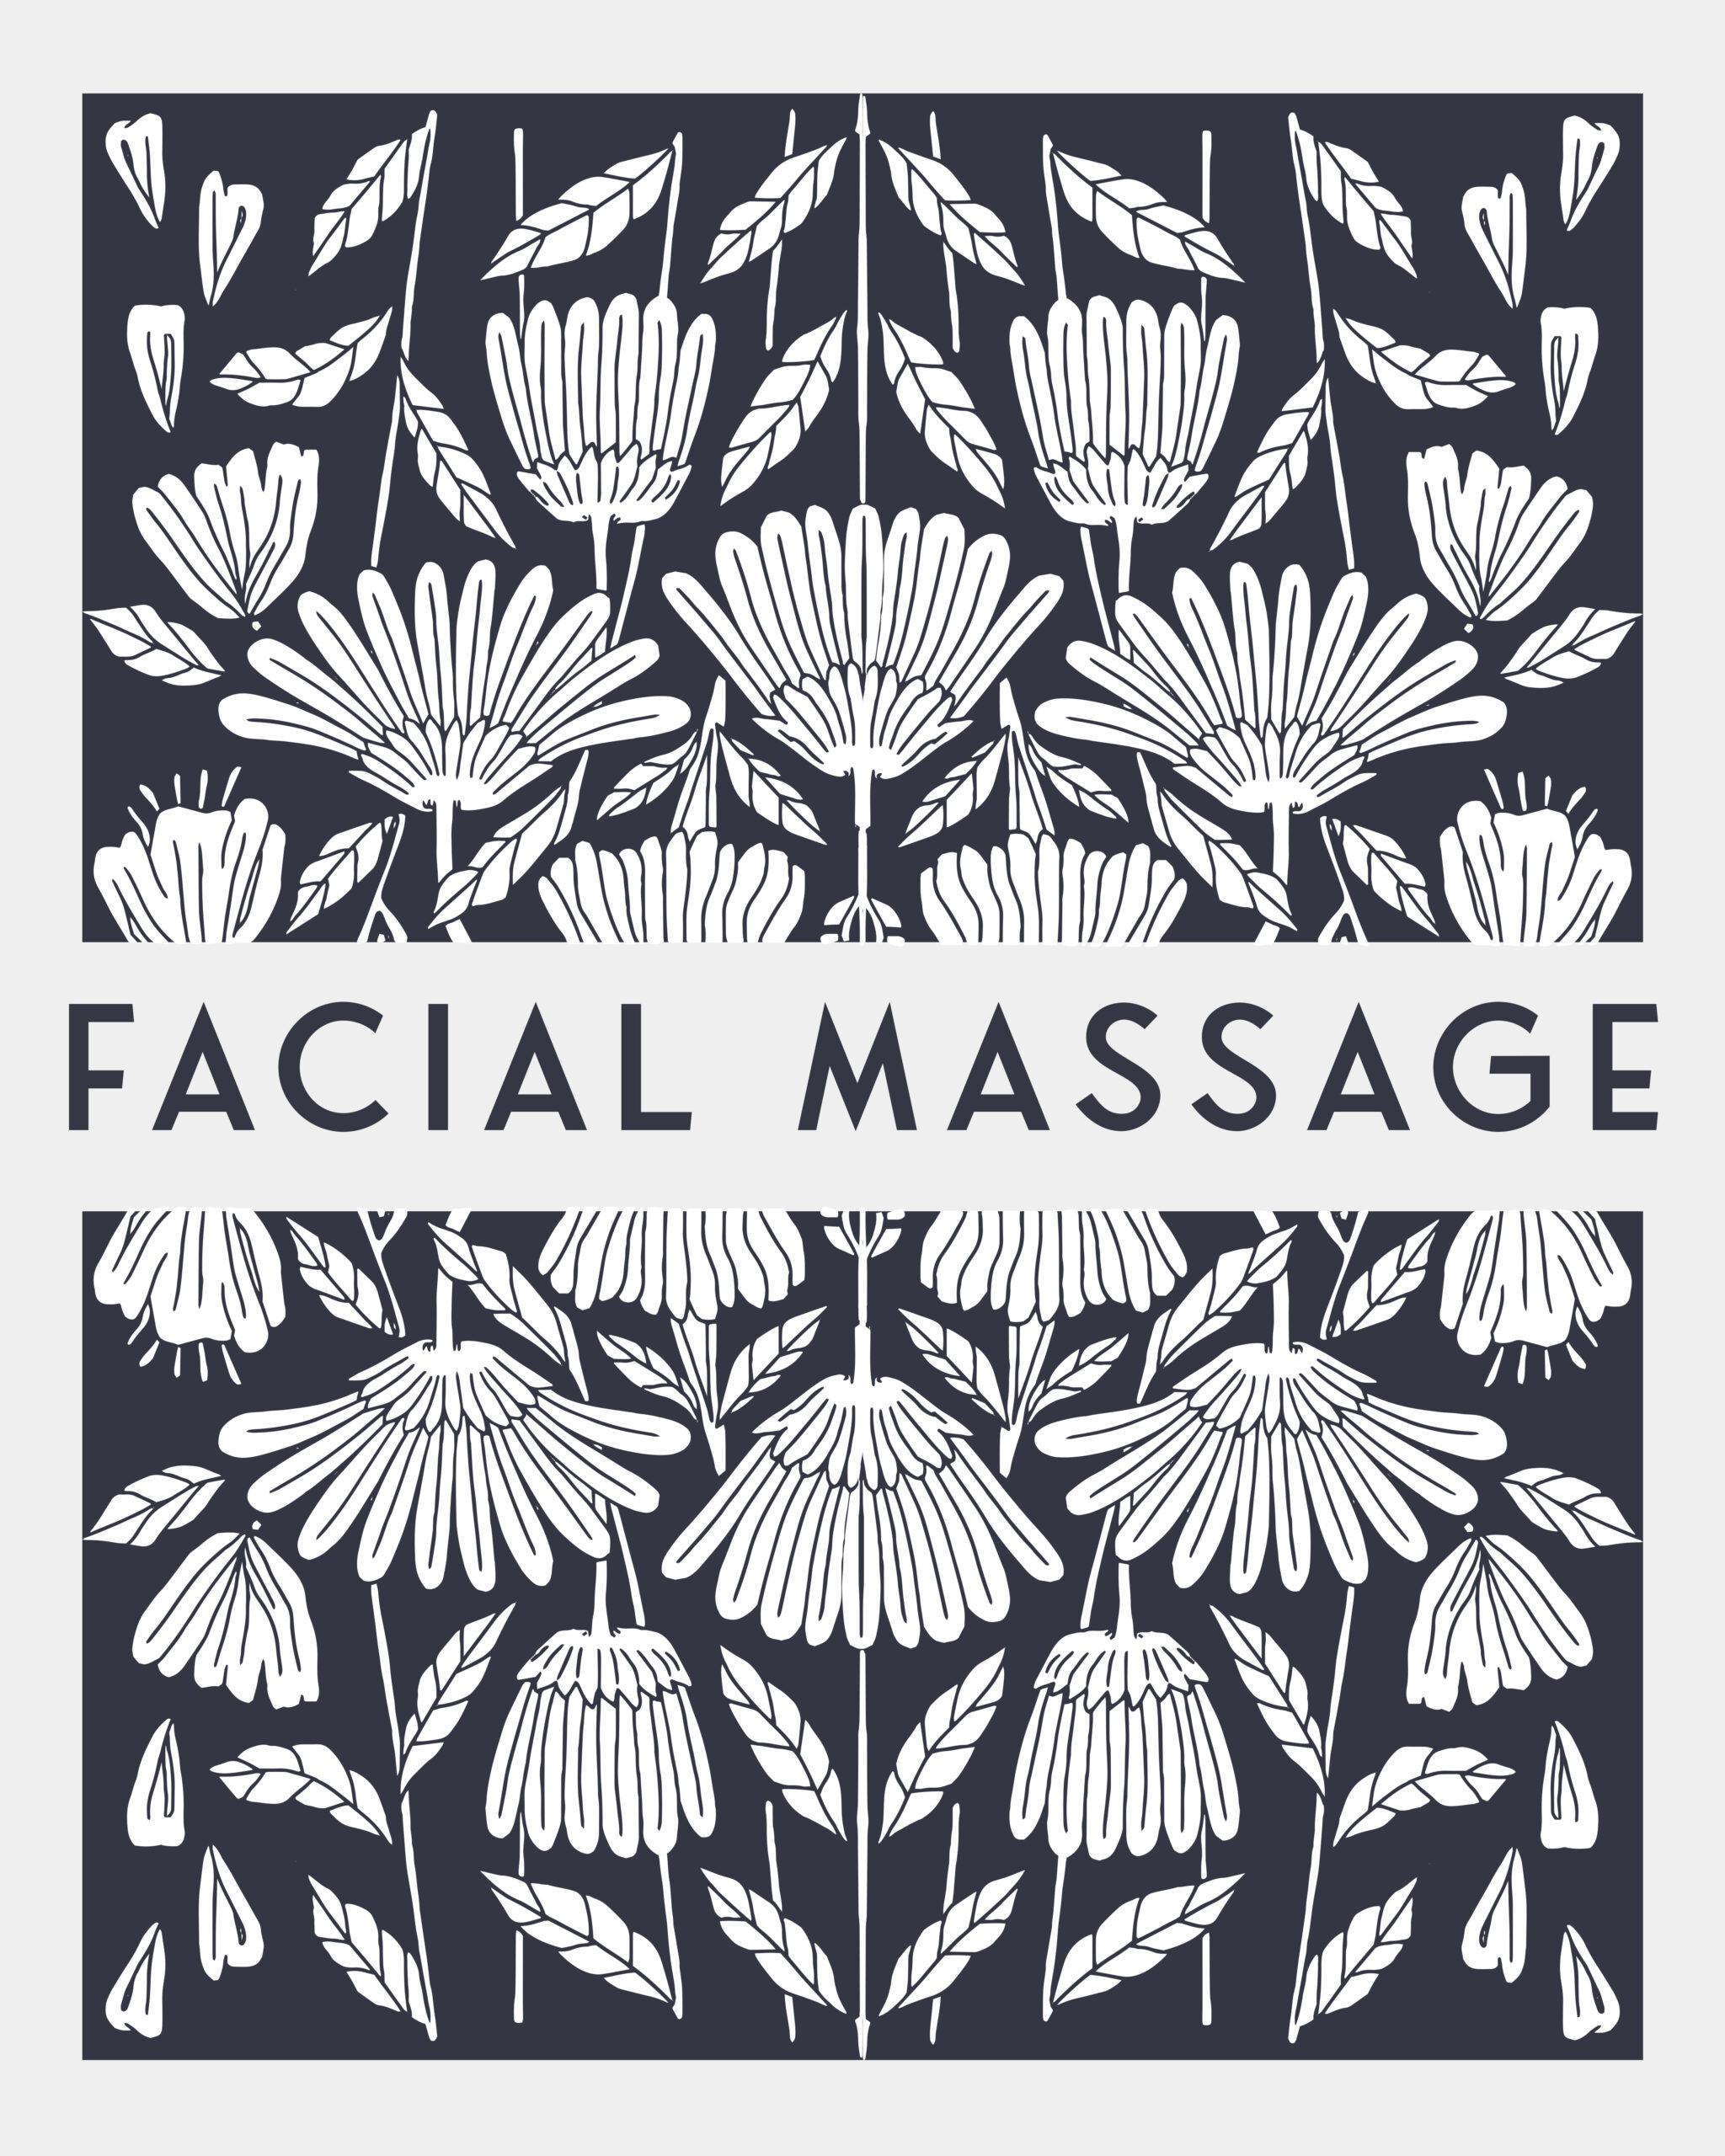 facial massage sign